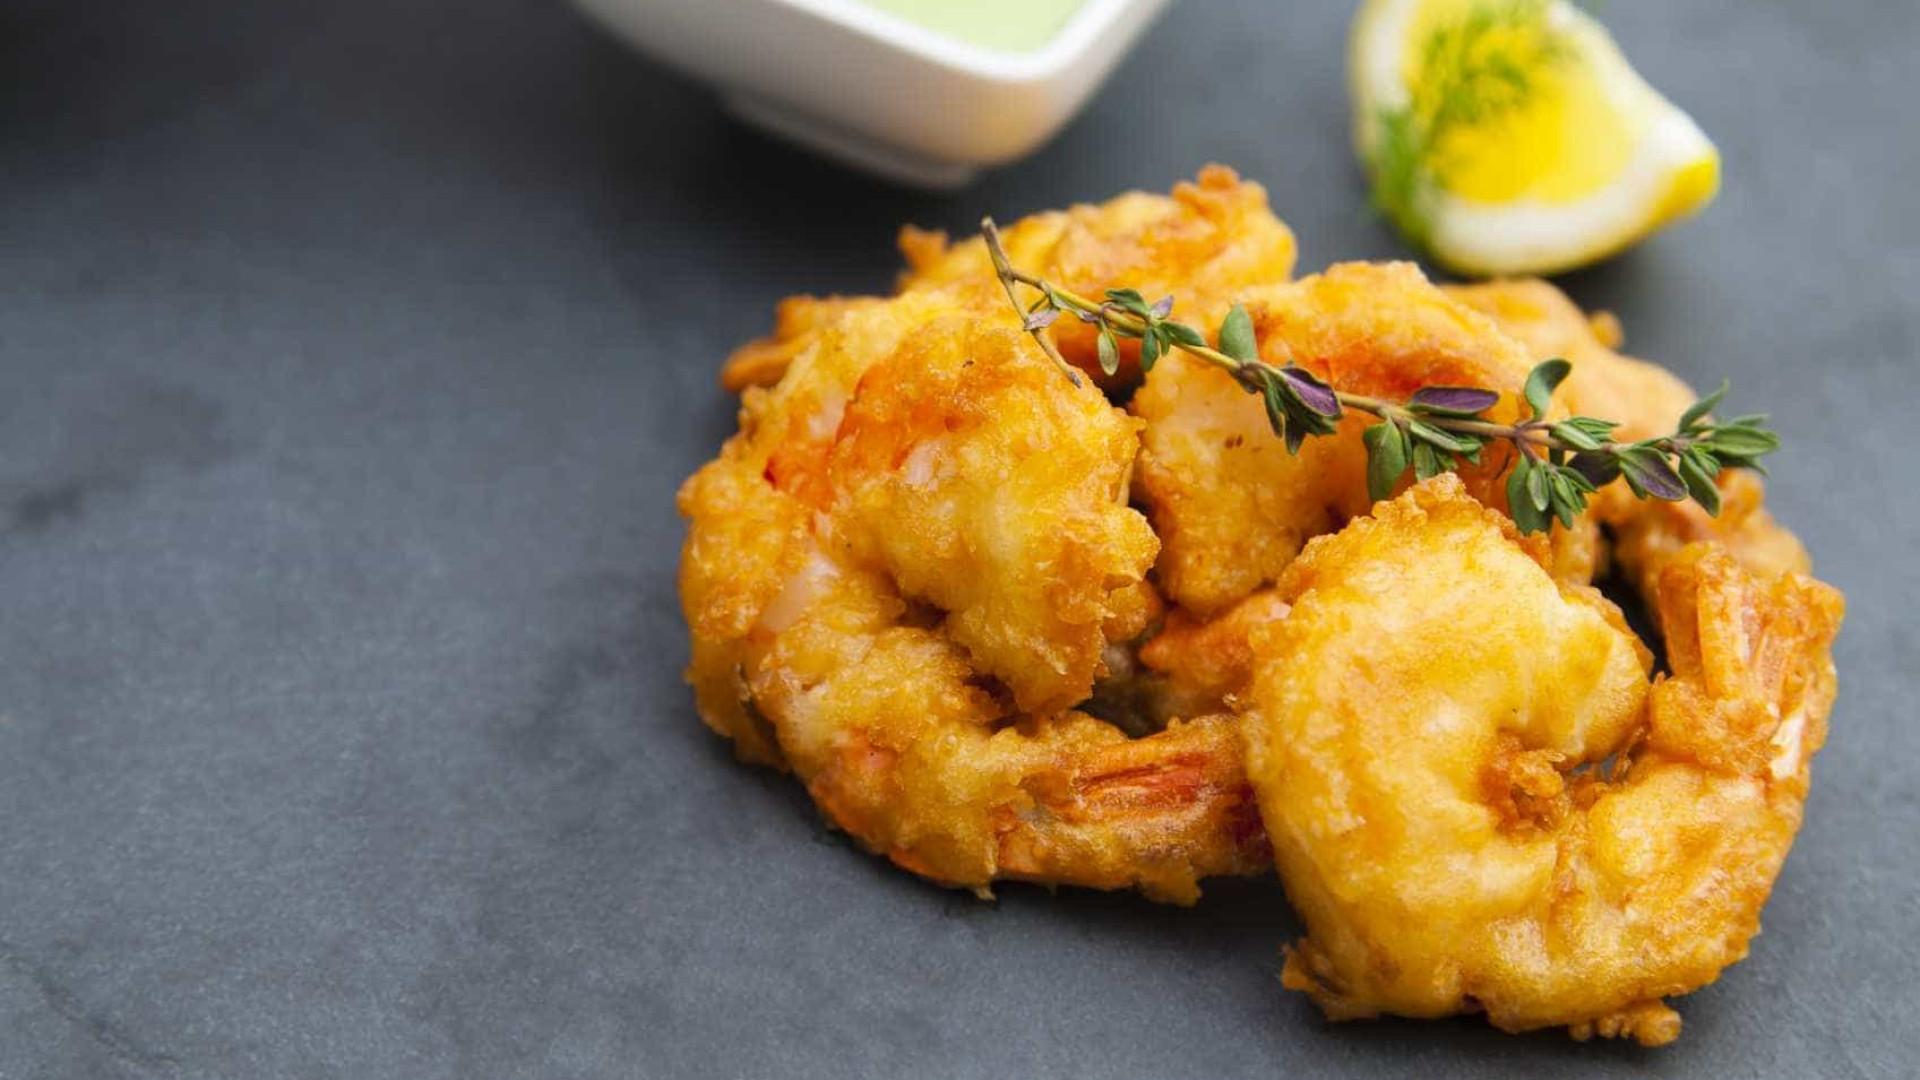 Simples e fácil, aprenda a fazer um delicioso  camarão empanado